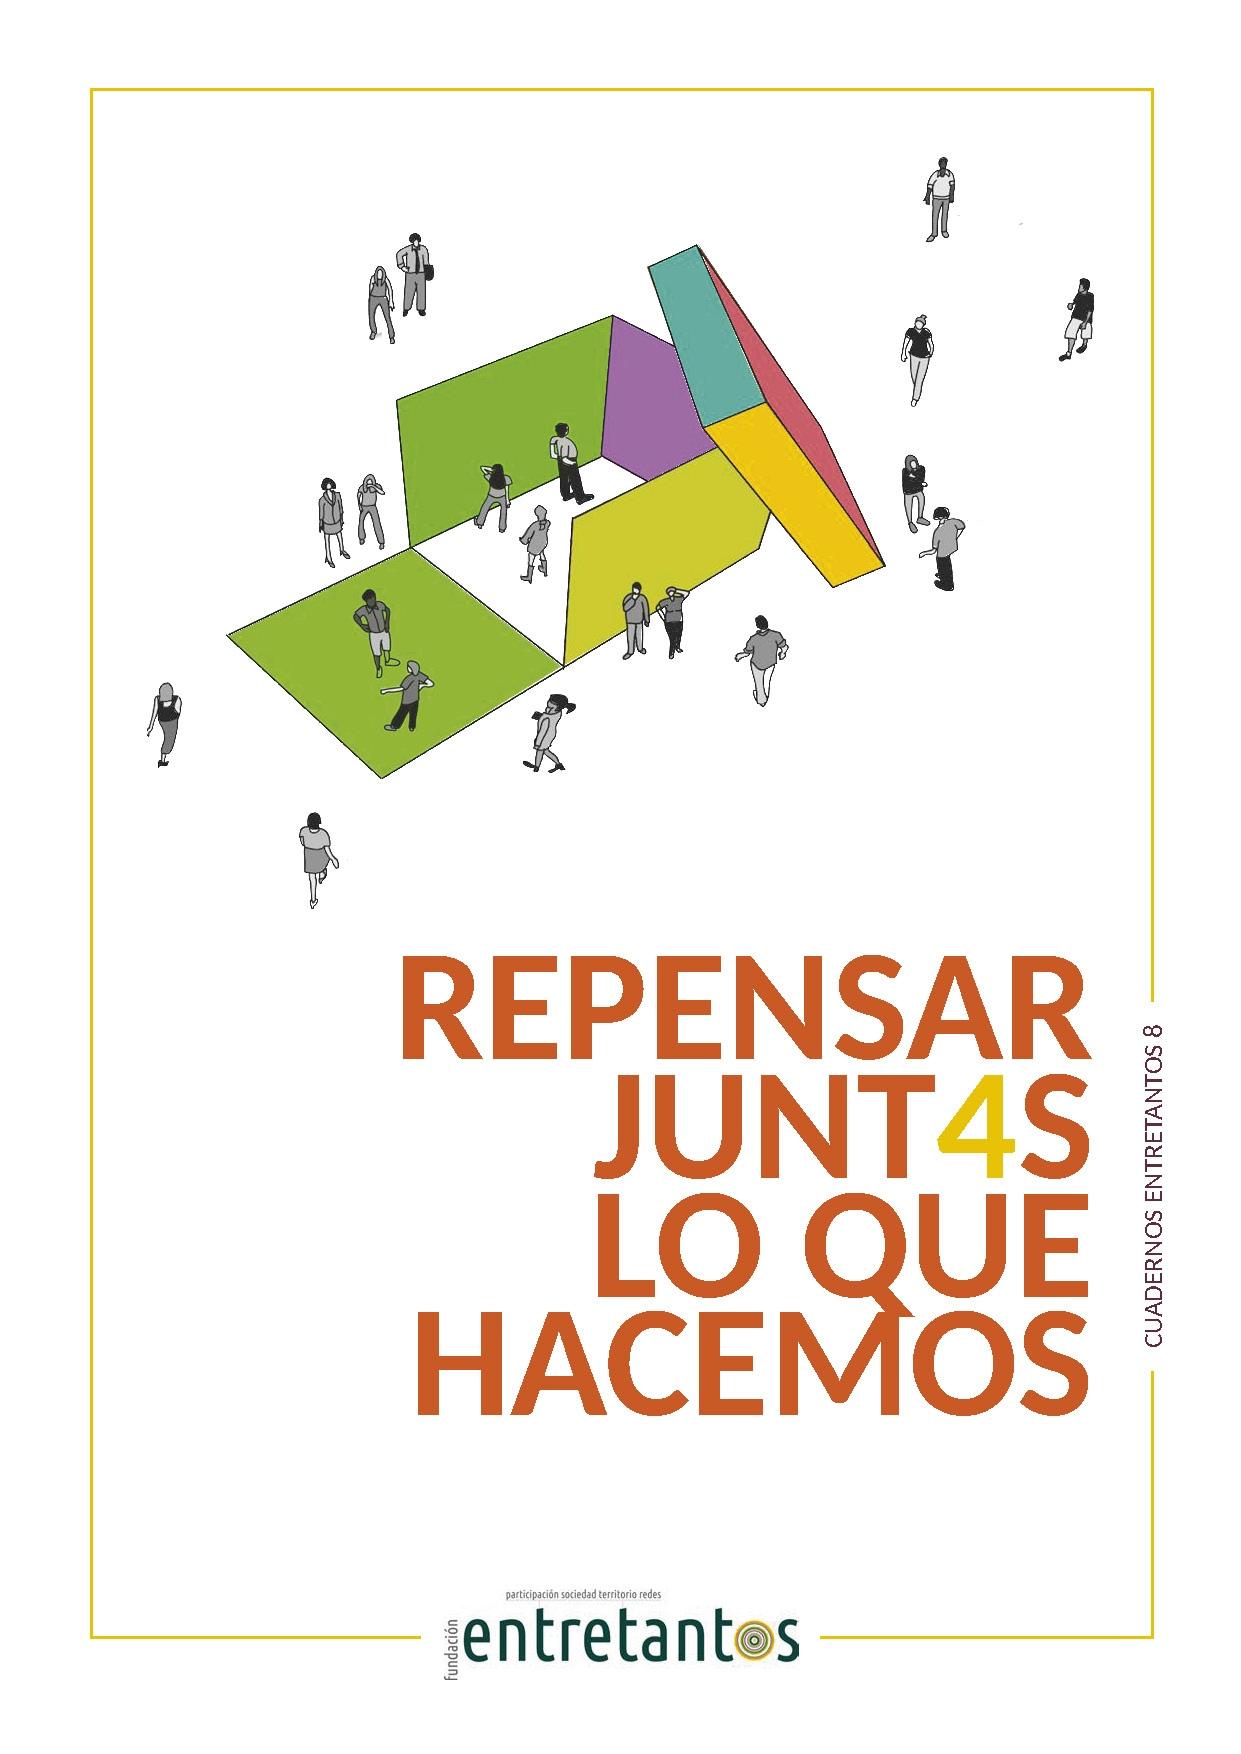 CuadernoEntretantos8_RepensarLoQueHacemos_web